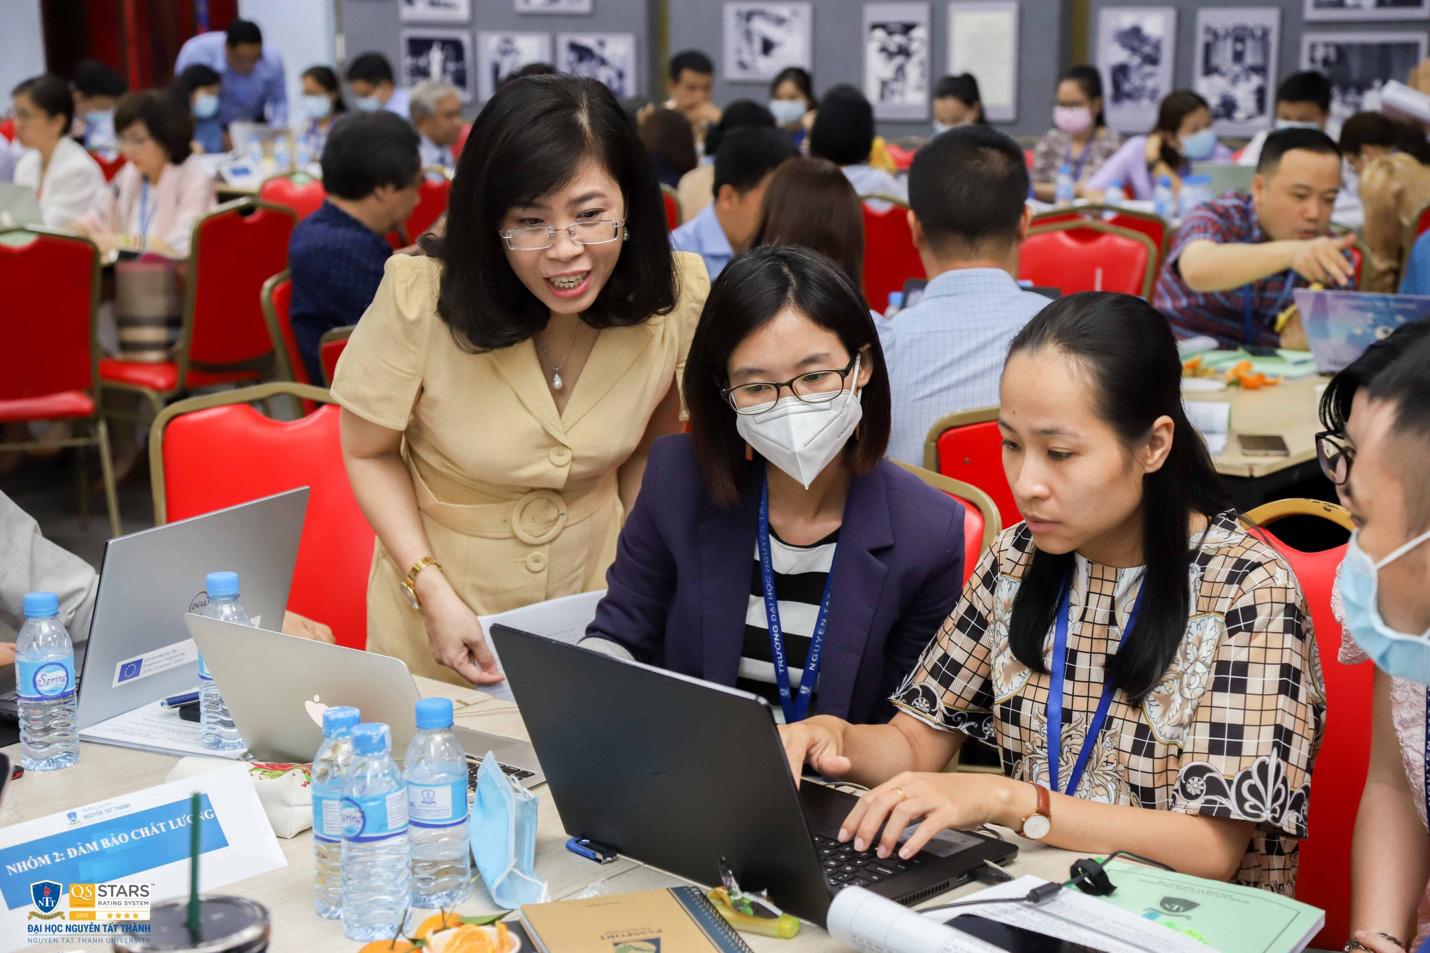 Trường ĐH Nguyễn Tất Thành: Tham gia kiểm định và xếp hạng là để đổi mới, nâng cao vị thế và chất lượng đào tạo - Ảnh 7.